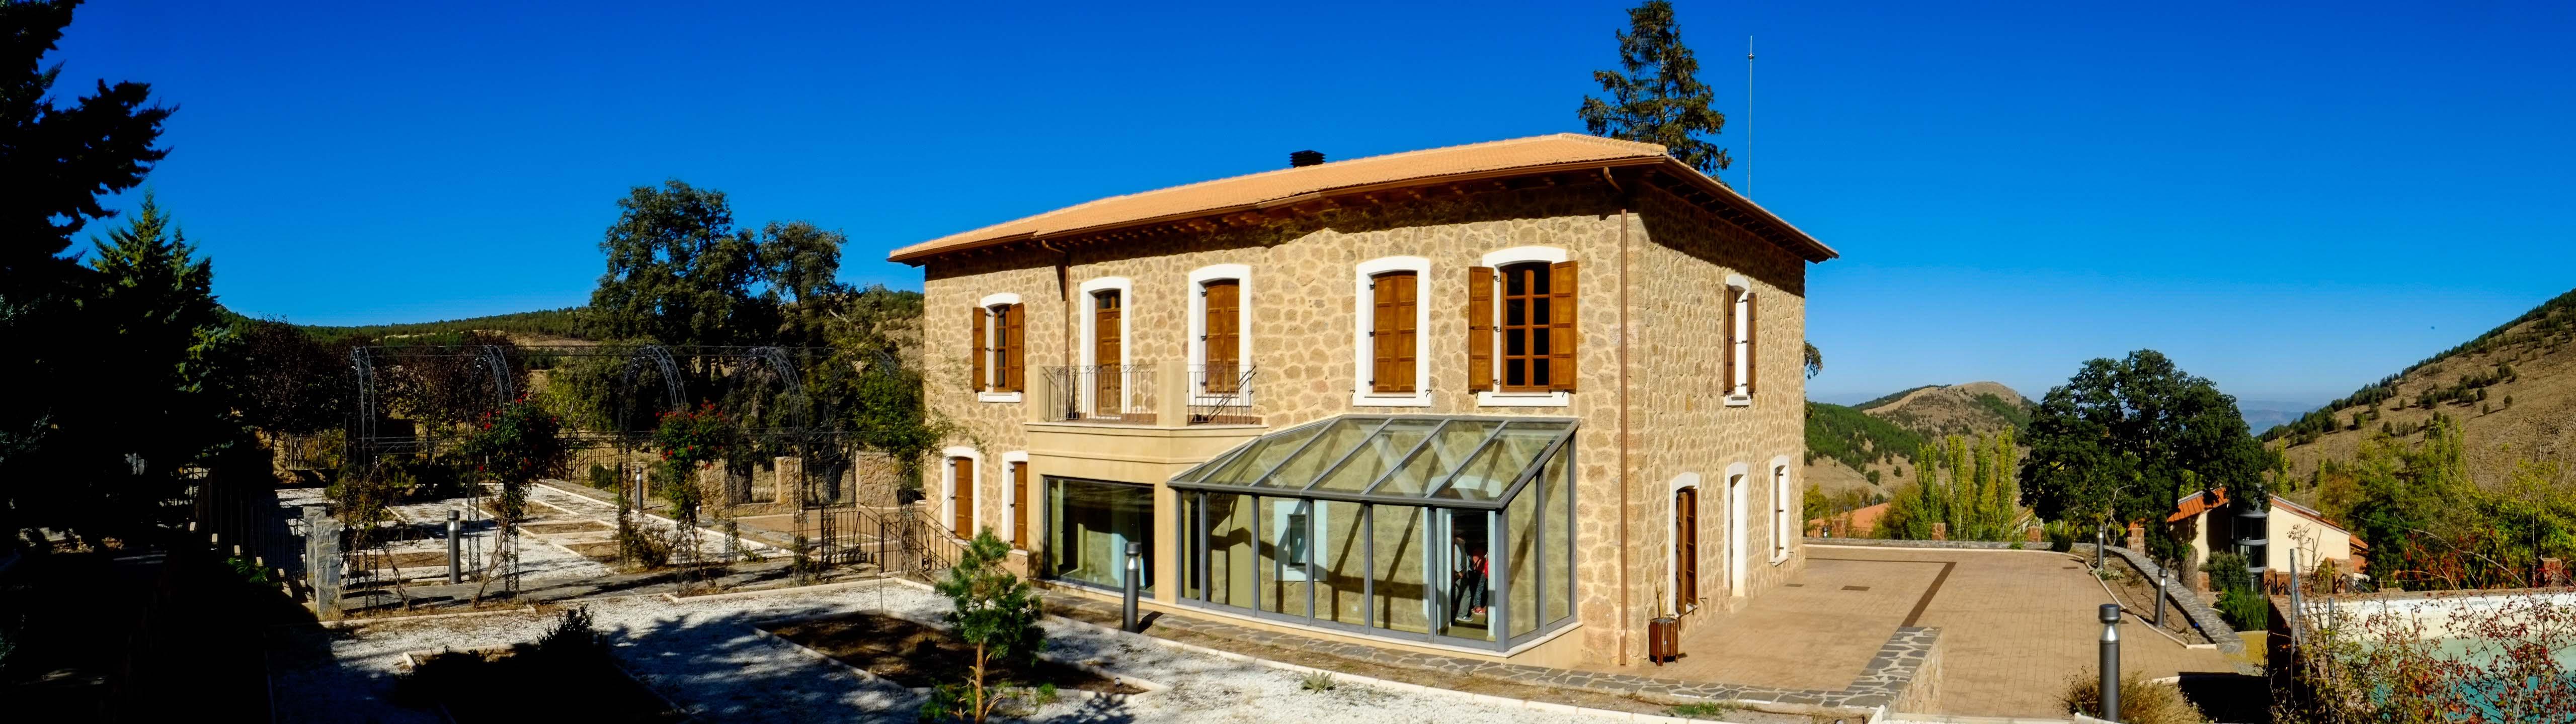 Antigua vivienda del ingeniero jefe, hoy recuperada como Centro de Interpretación de Las Menas© Fotografía: Paco Bonilla